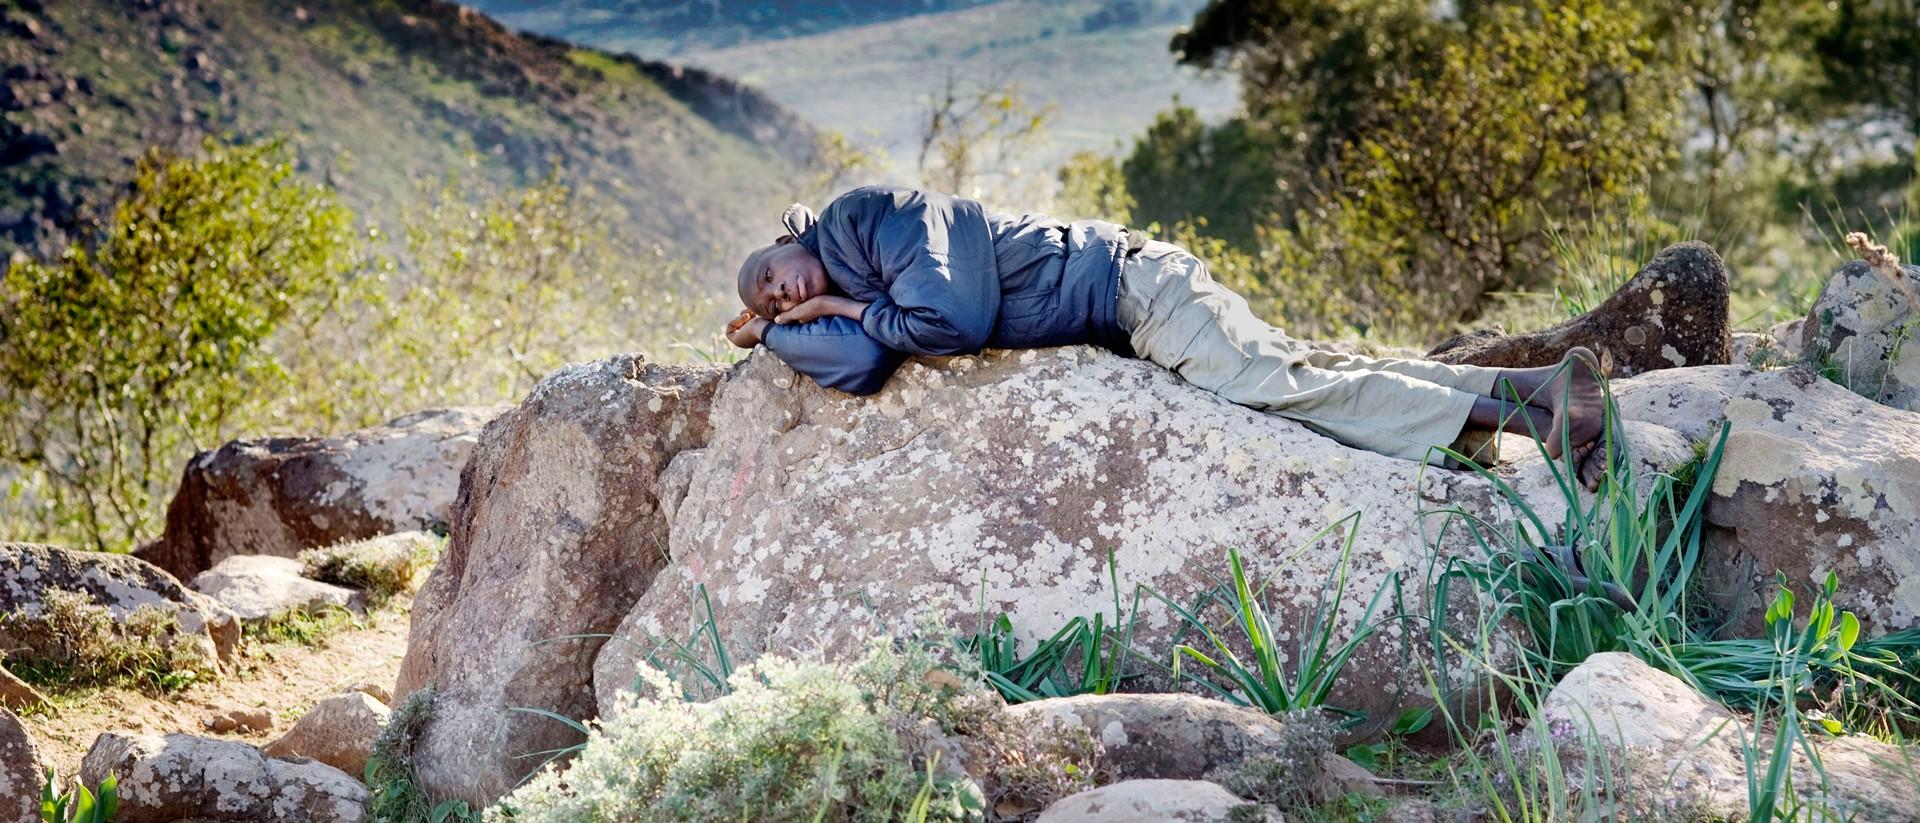 Een migrant uit Ivoorkust in het bos op de berg Gourougou, uitkijkend op de grensovergang met Melilla. Foto: Piet den Blanken/Hollandse Hoogte